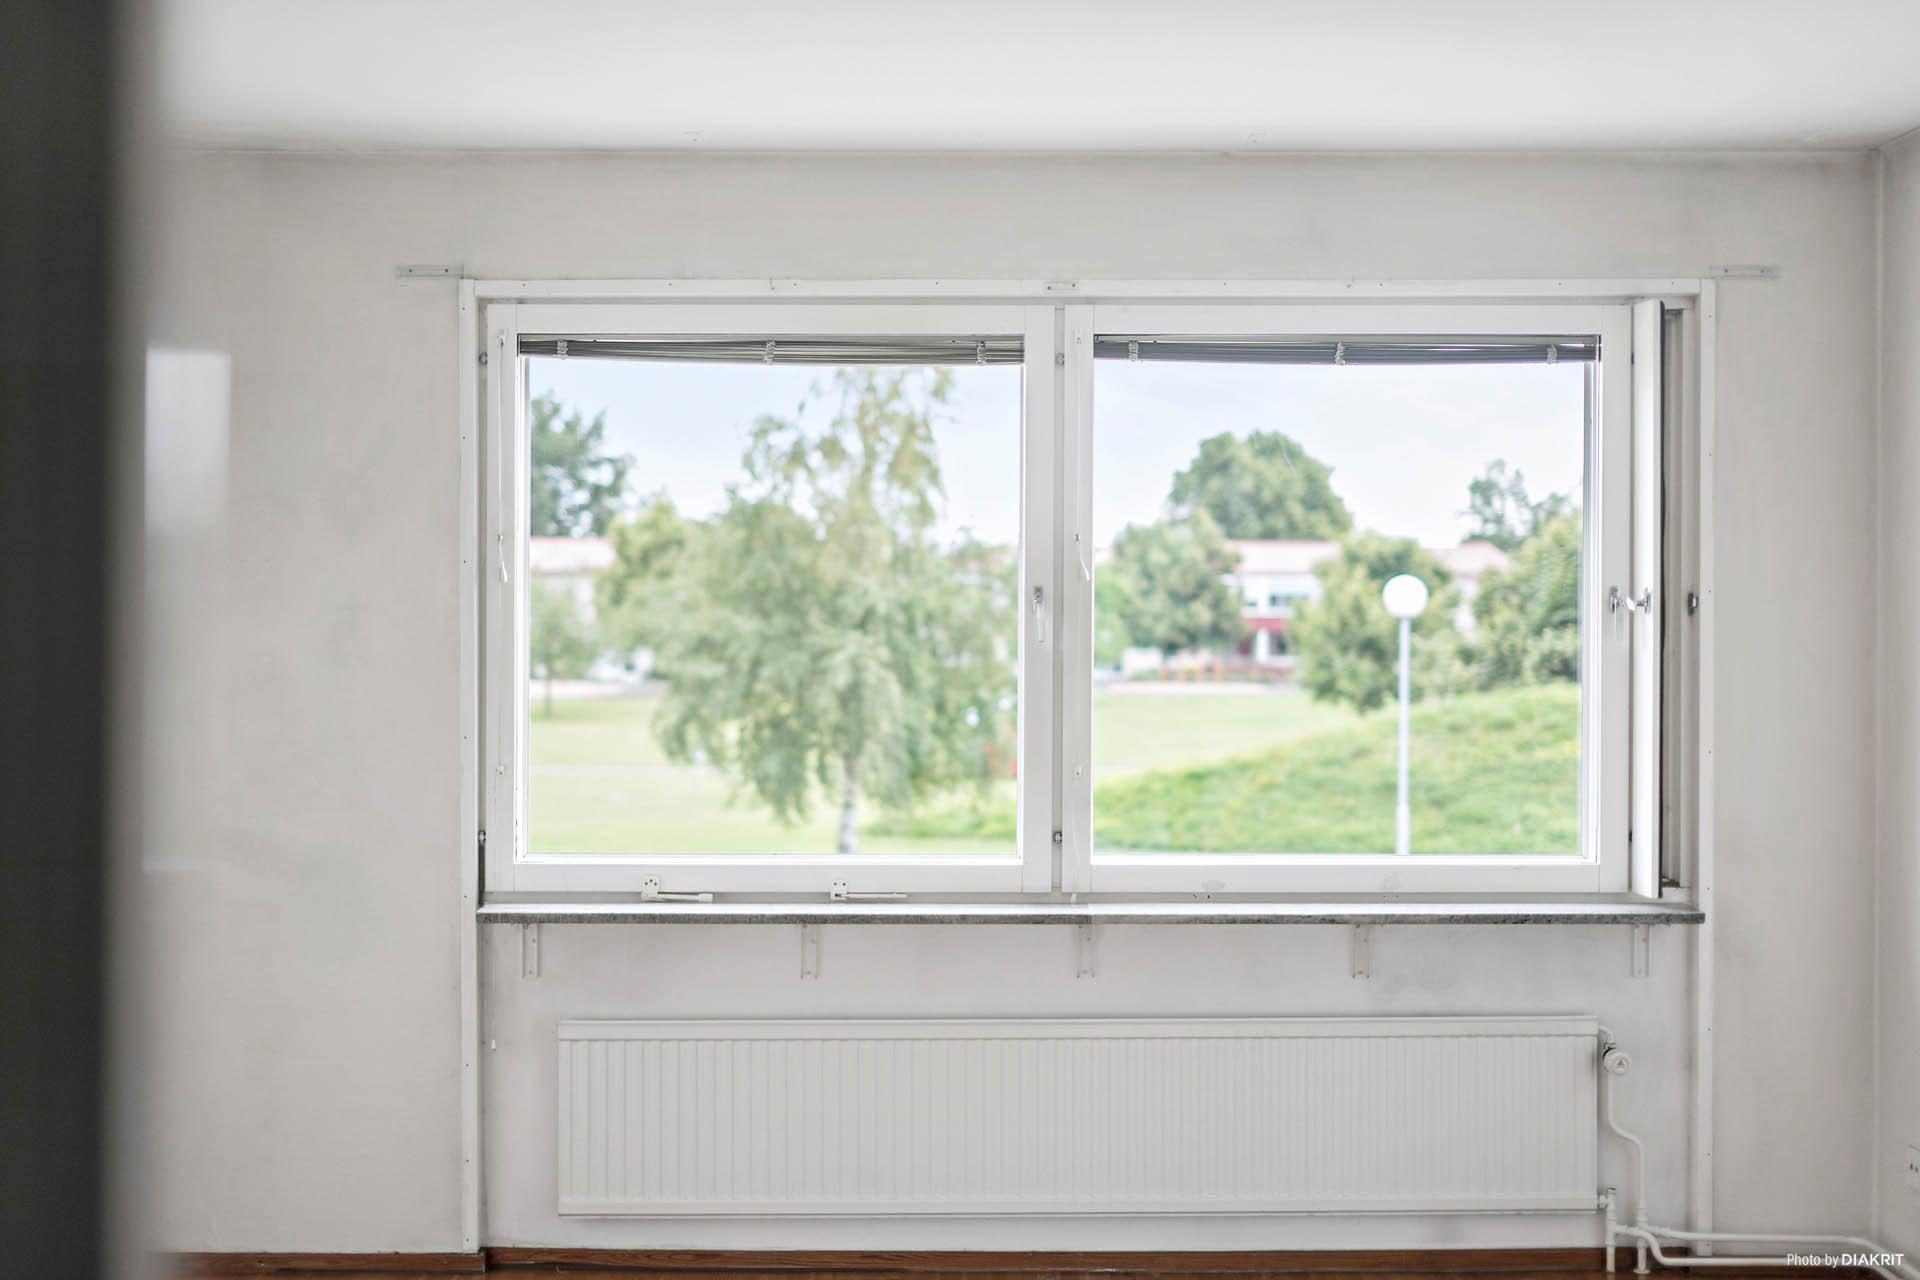 Vackert fönsterparti med härlig utsikt.